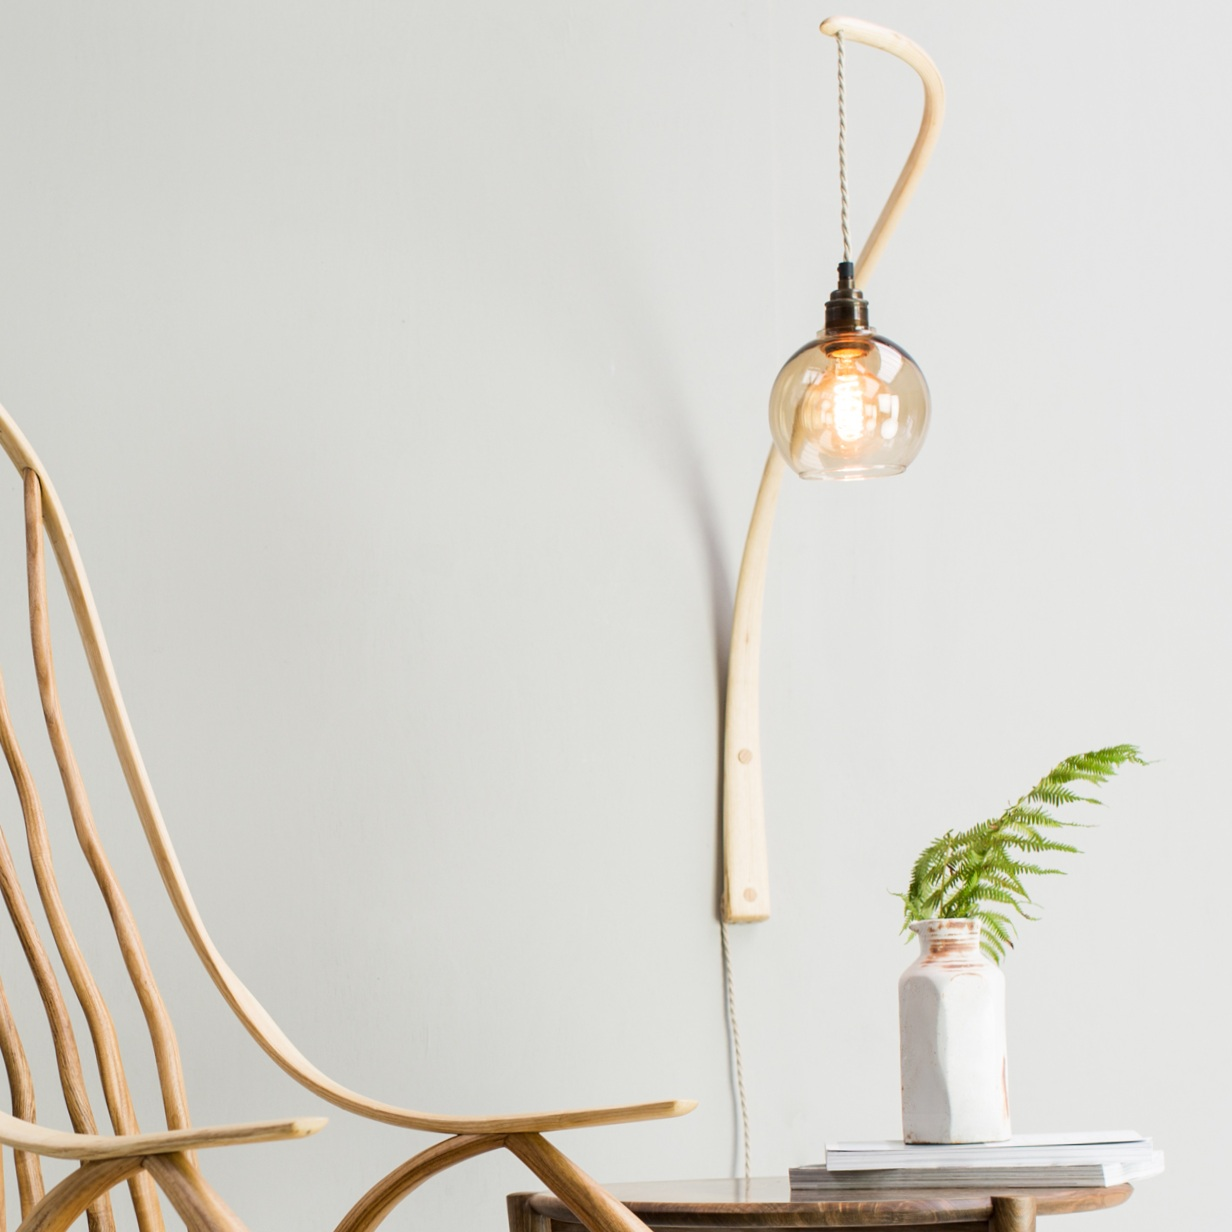 wall lamp-3.jpg